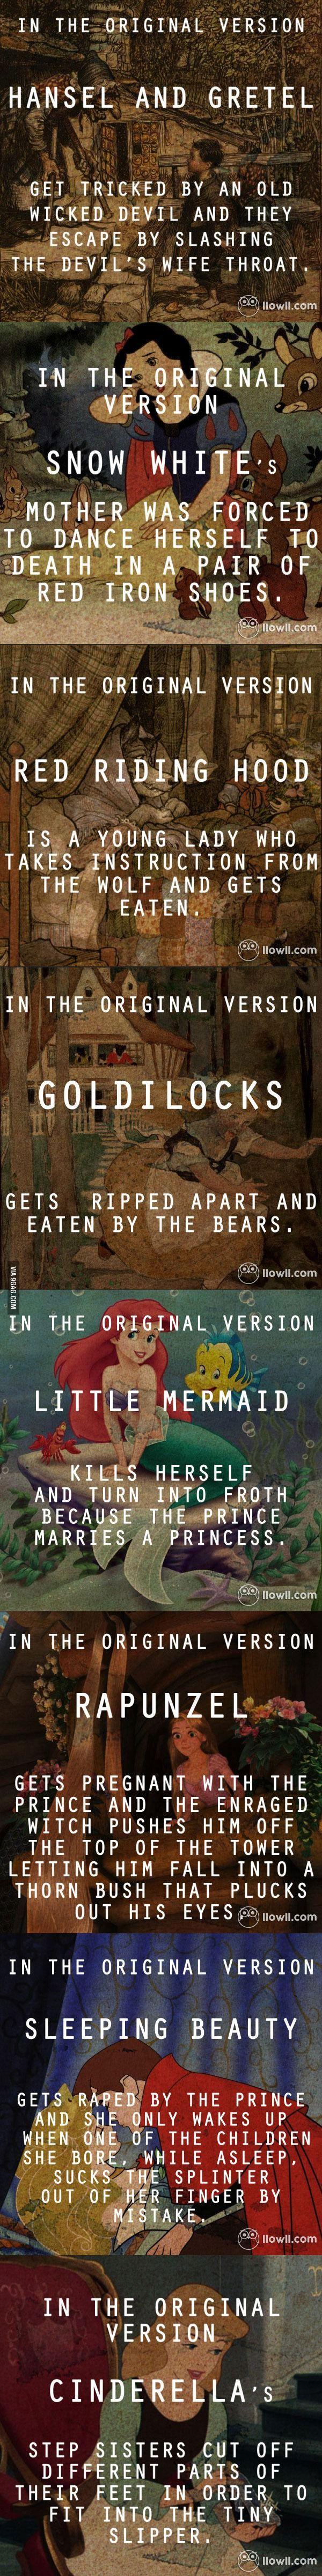 best dark meanings behind nursery rhymes and fairy tales images